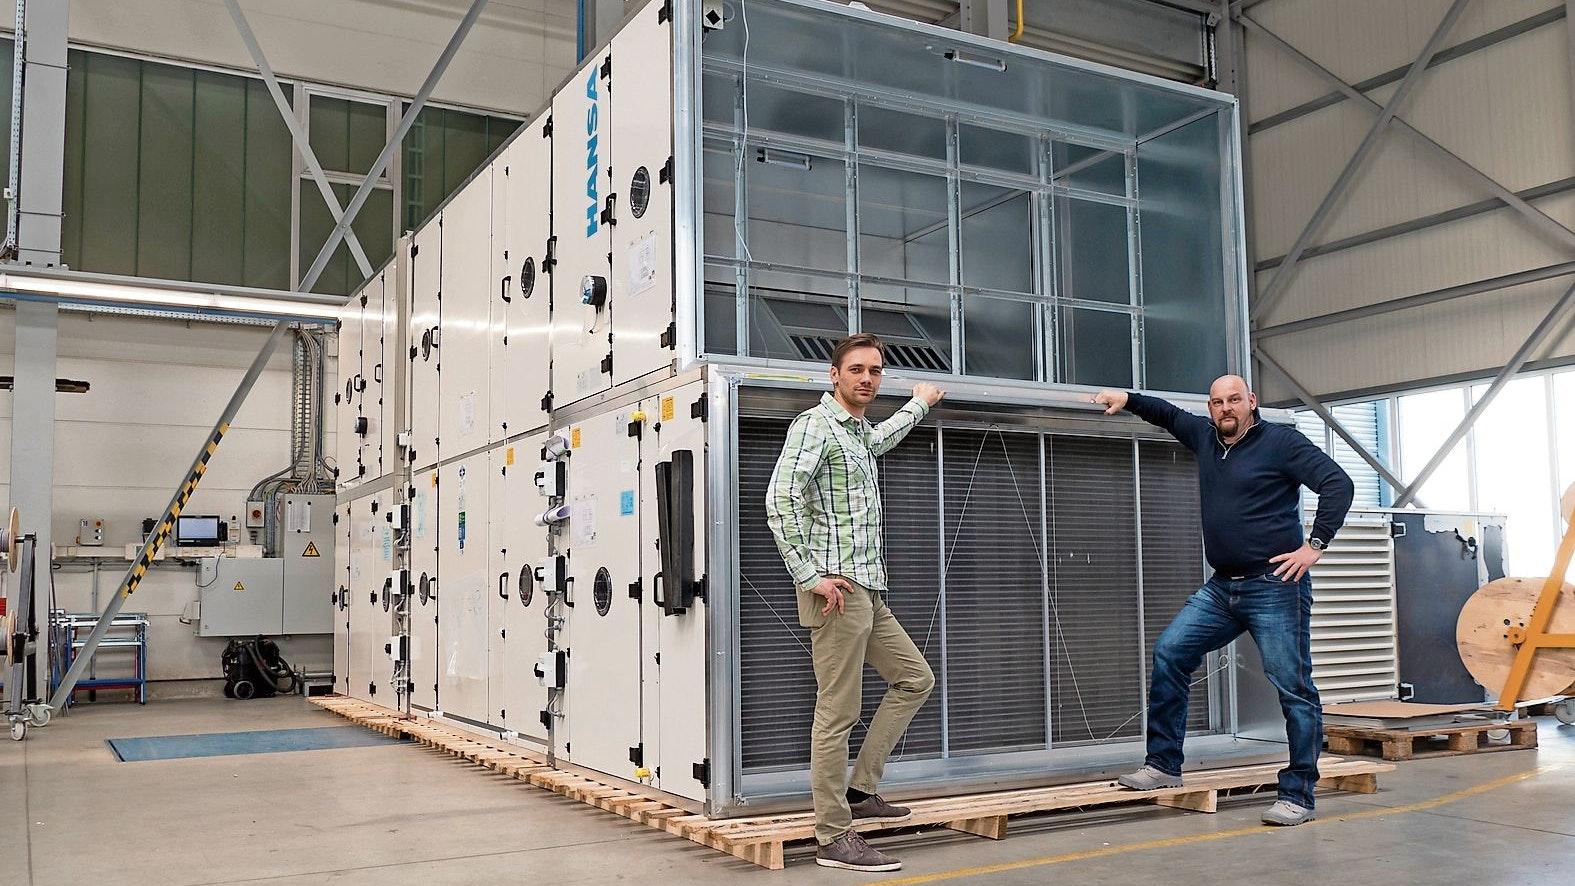 Ziemlich groß: Die Projektleiter Hannes Keck (links) und Thorsten Füllbrunn demonstrieren der Elemente, die in der Nordlink-Konverterstation verbaut wurden. Insgesamt sind die Lüftungskanäle dort rund zwei Kilometer lang. Foto: Stix